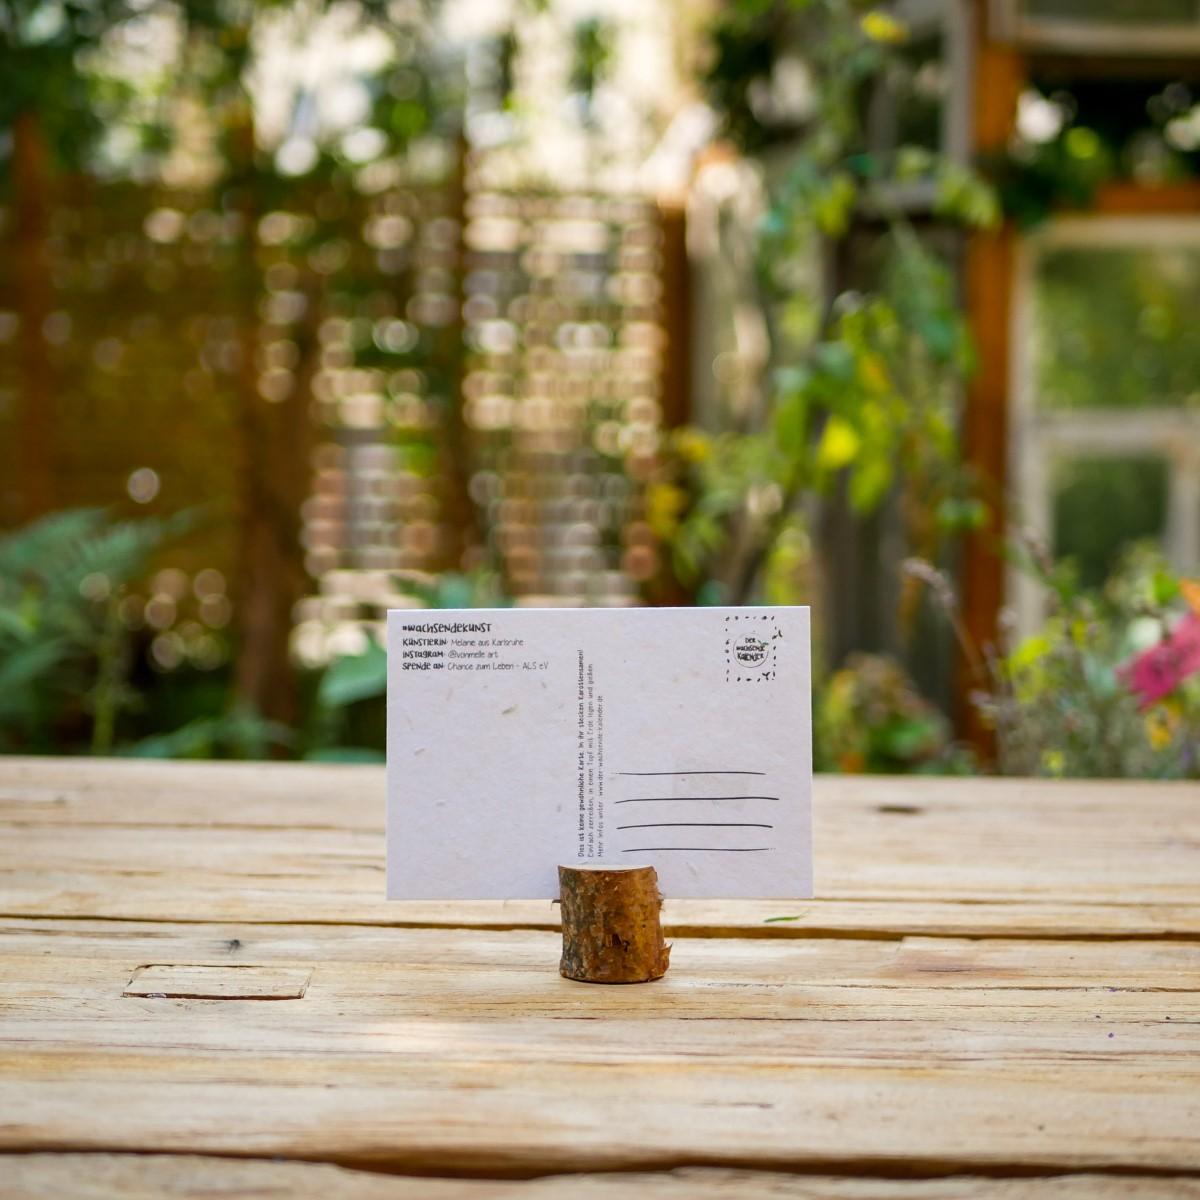 Einpflanzbare Postkarte aus Samenpapier für den guten Zweck